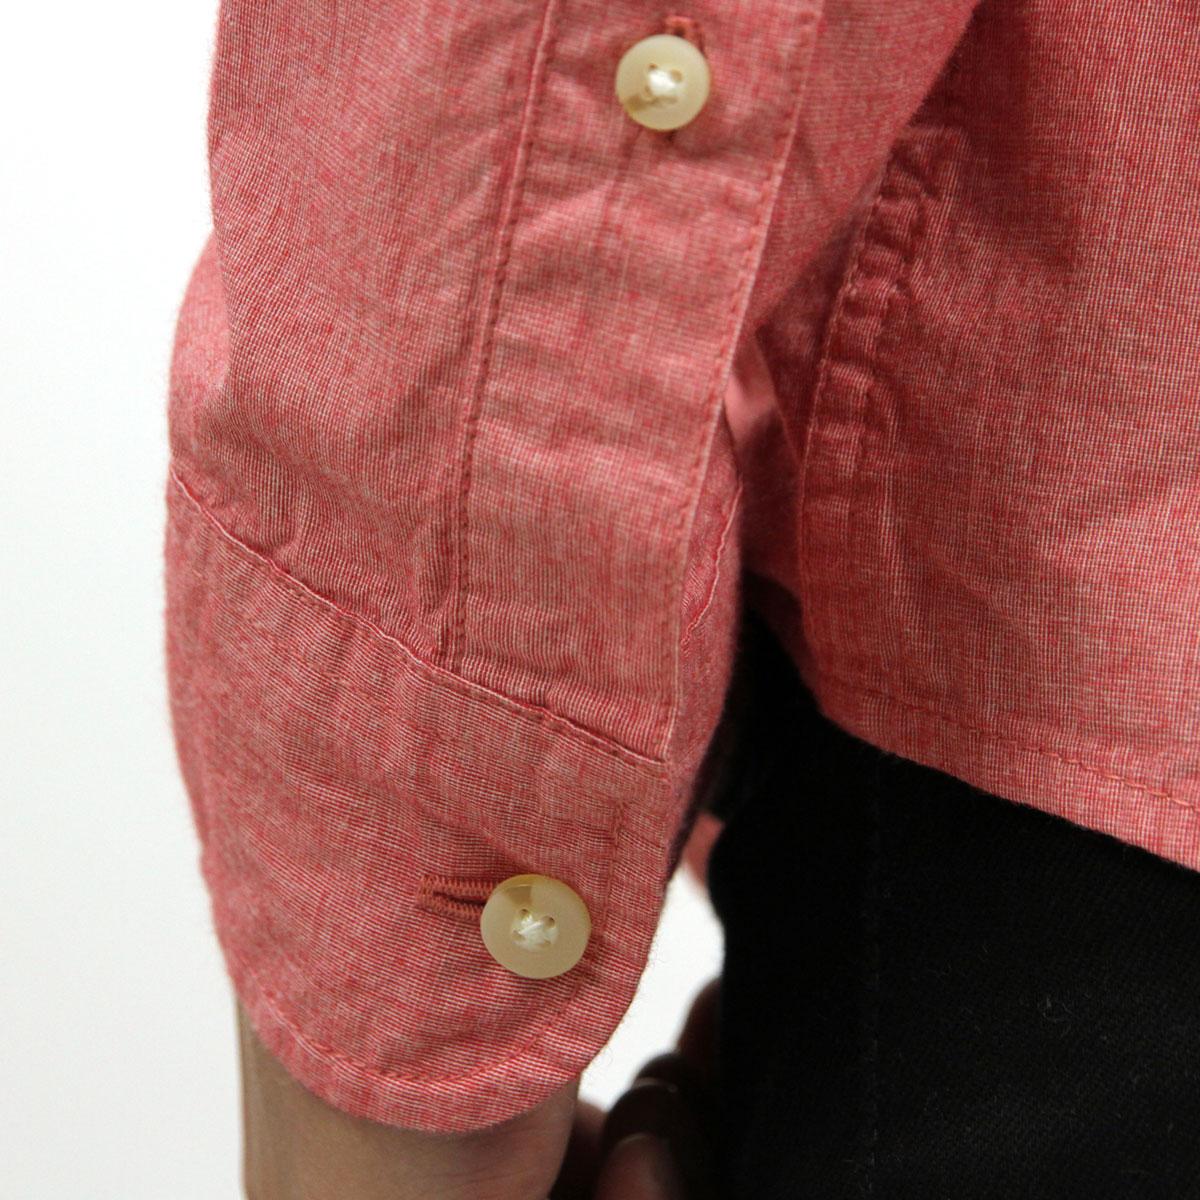 ホリスター HOLLISTER 正規品 メンズ 長袖シャツ  Iconic Poplin Shirt Epic Flex 325-259-1586-500